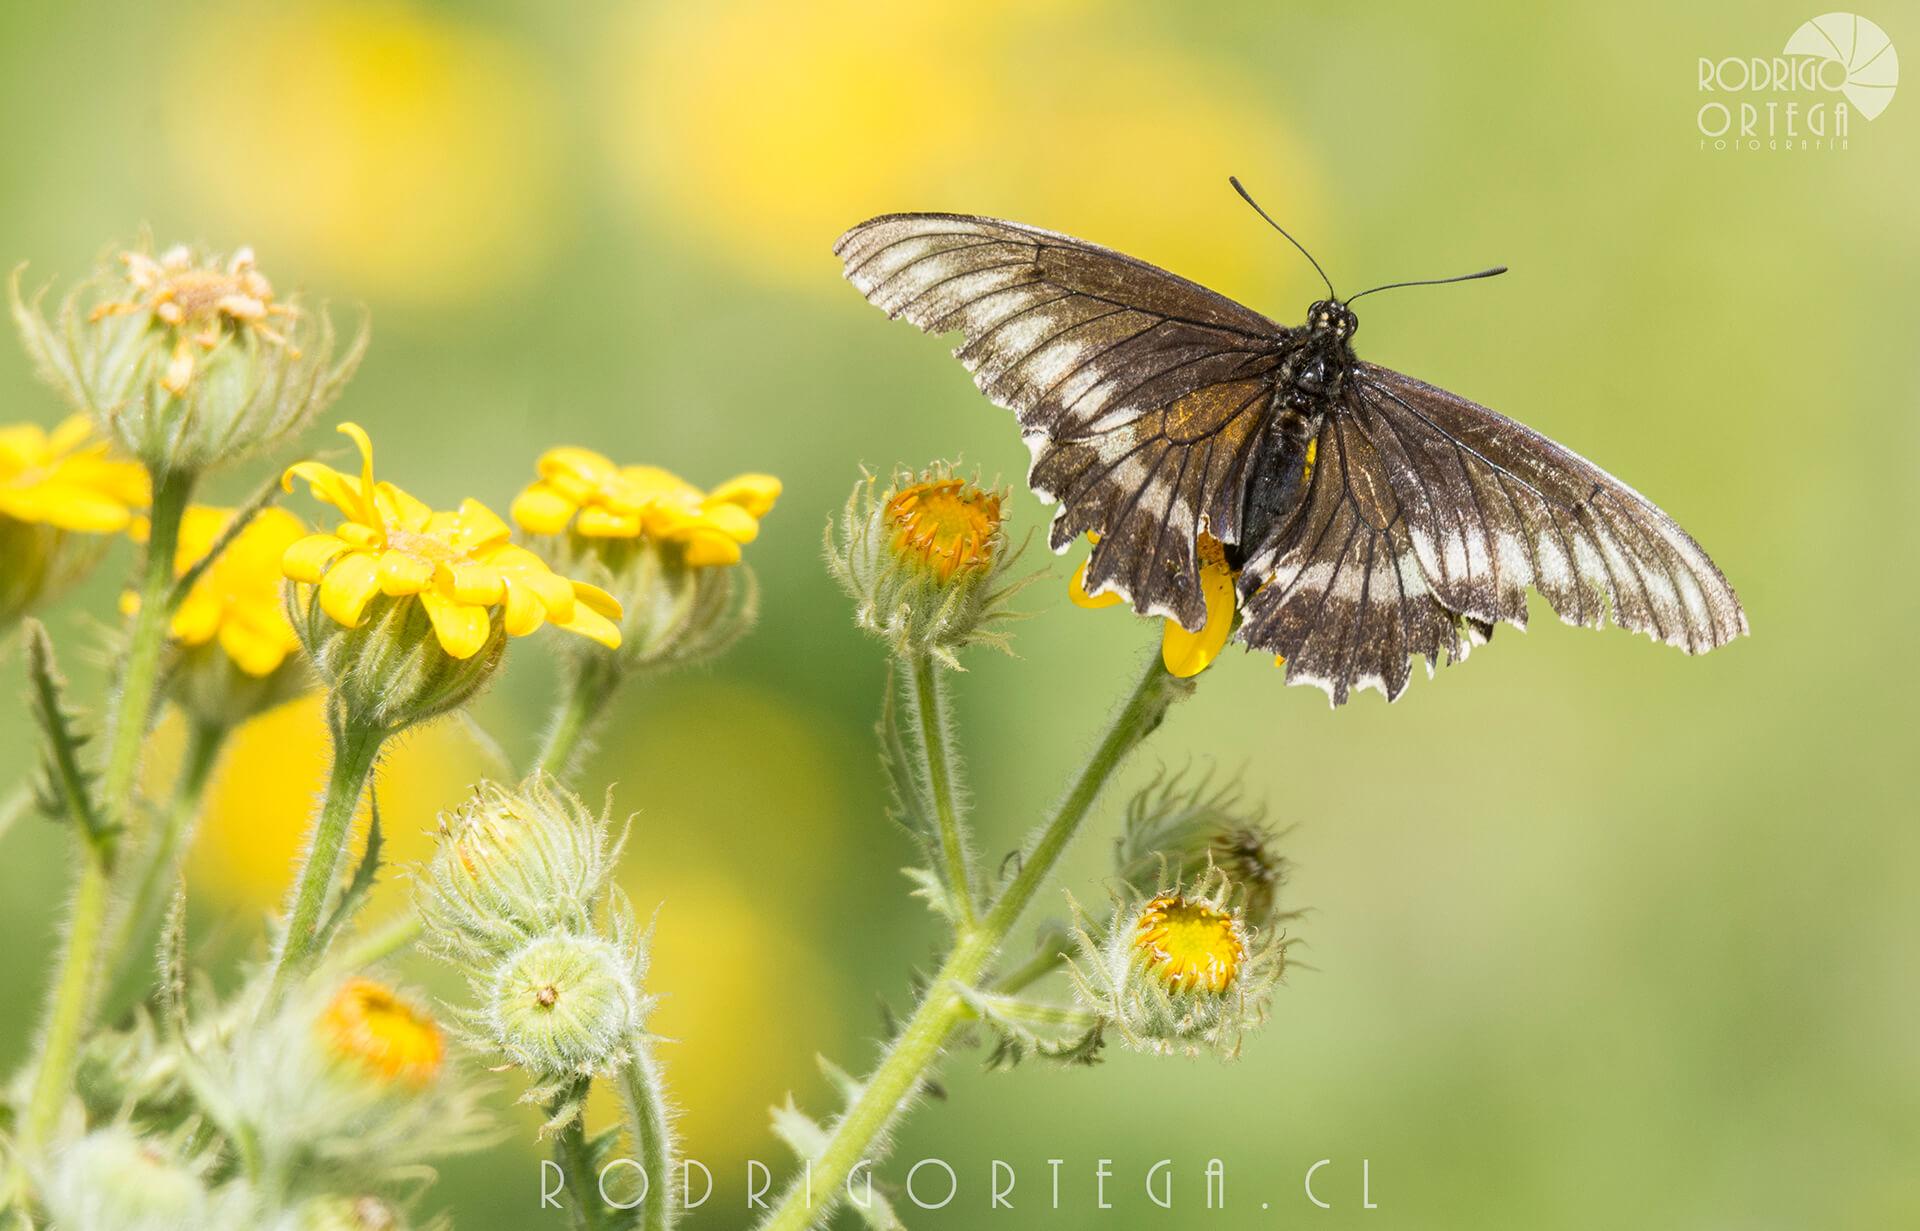 Papilonio negro (Battus polydamas archidamas)